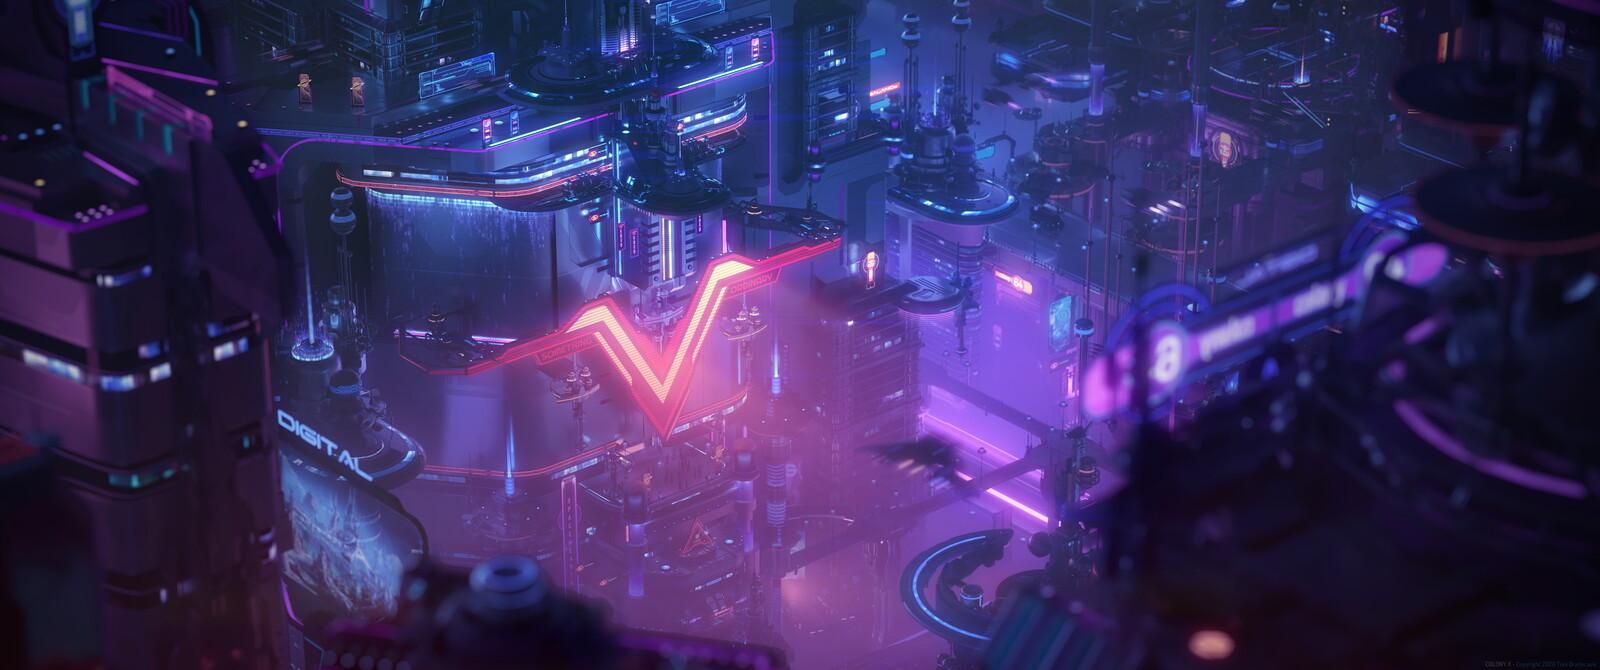 Colony X - V Corporation